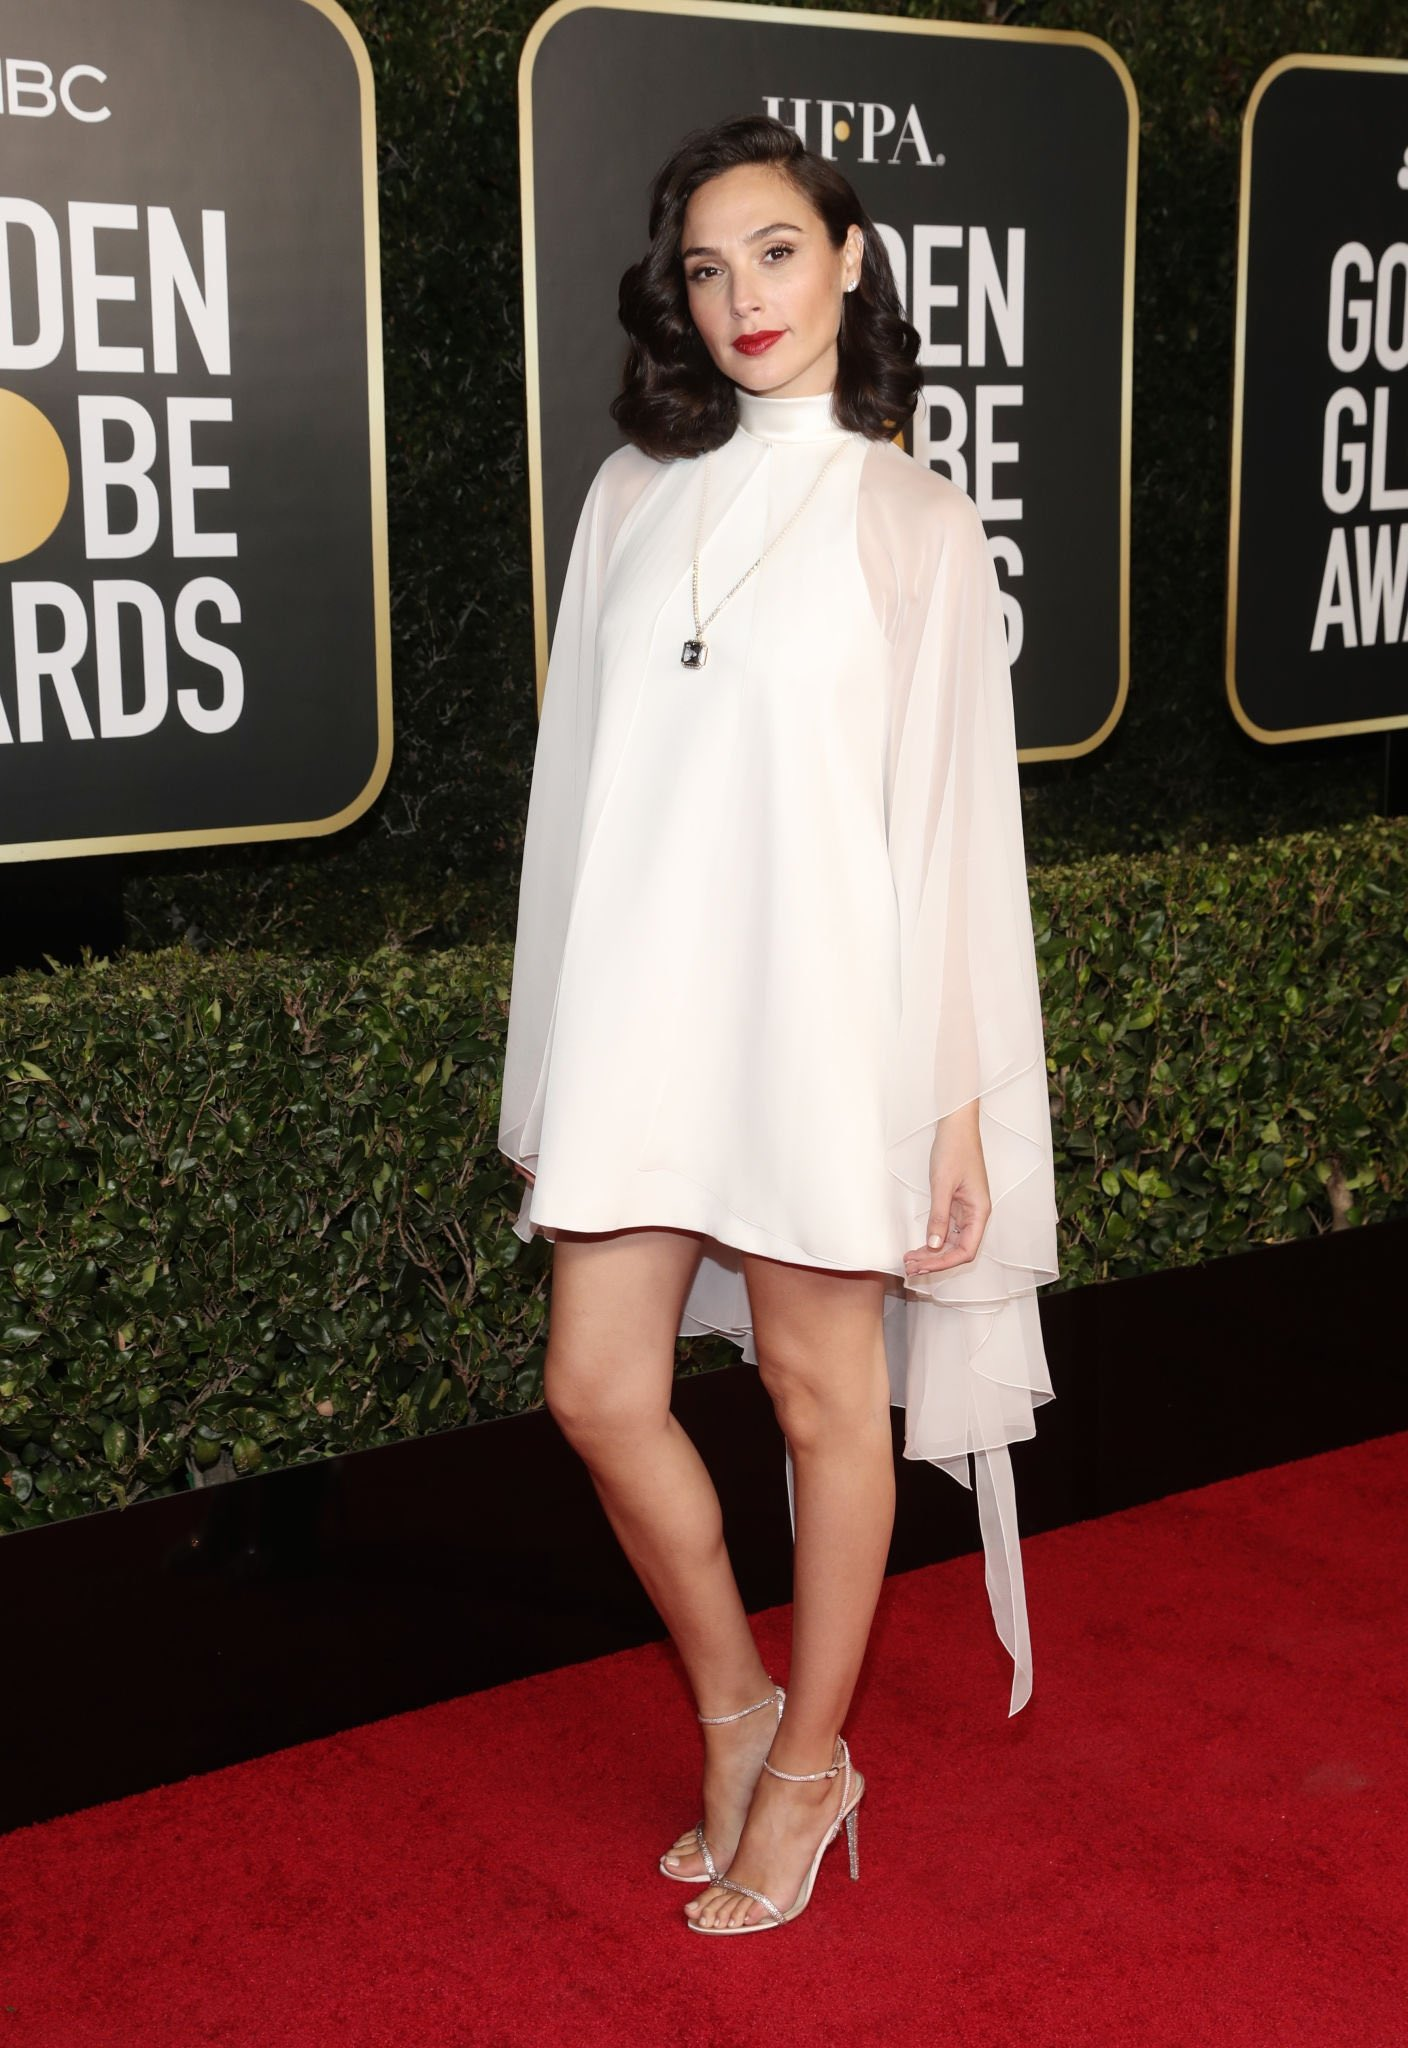 Thảm đỏ lạ nhất lịch sử Golden Globes: Harley Quinn dừ chát, Gal Gadot đẹp mê mẩn, nhìn Lily Collins còn choáng hơn - Ảnh 2.